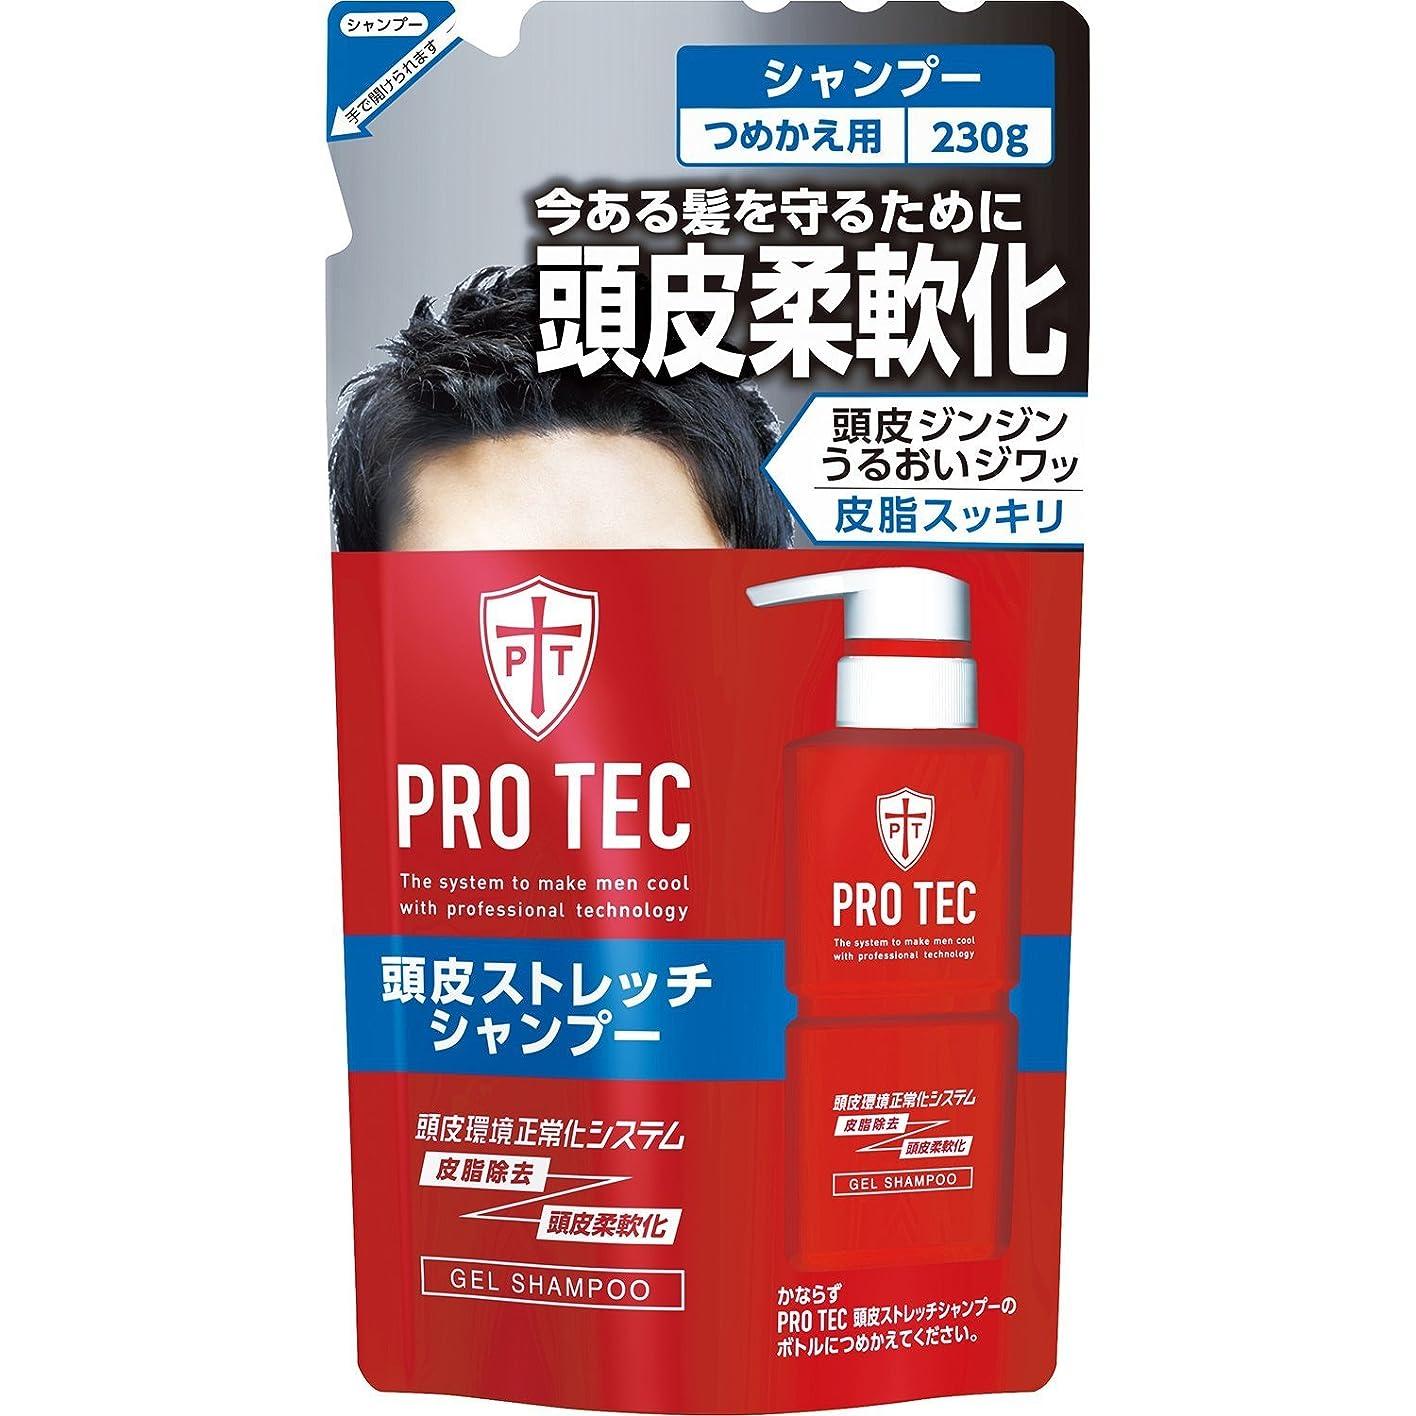 効果スラック委員長PRO TEC(プロテク) 頭皮ストレッチシャンプー つめかえ用 230g (医薬部外品) ×10個セット